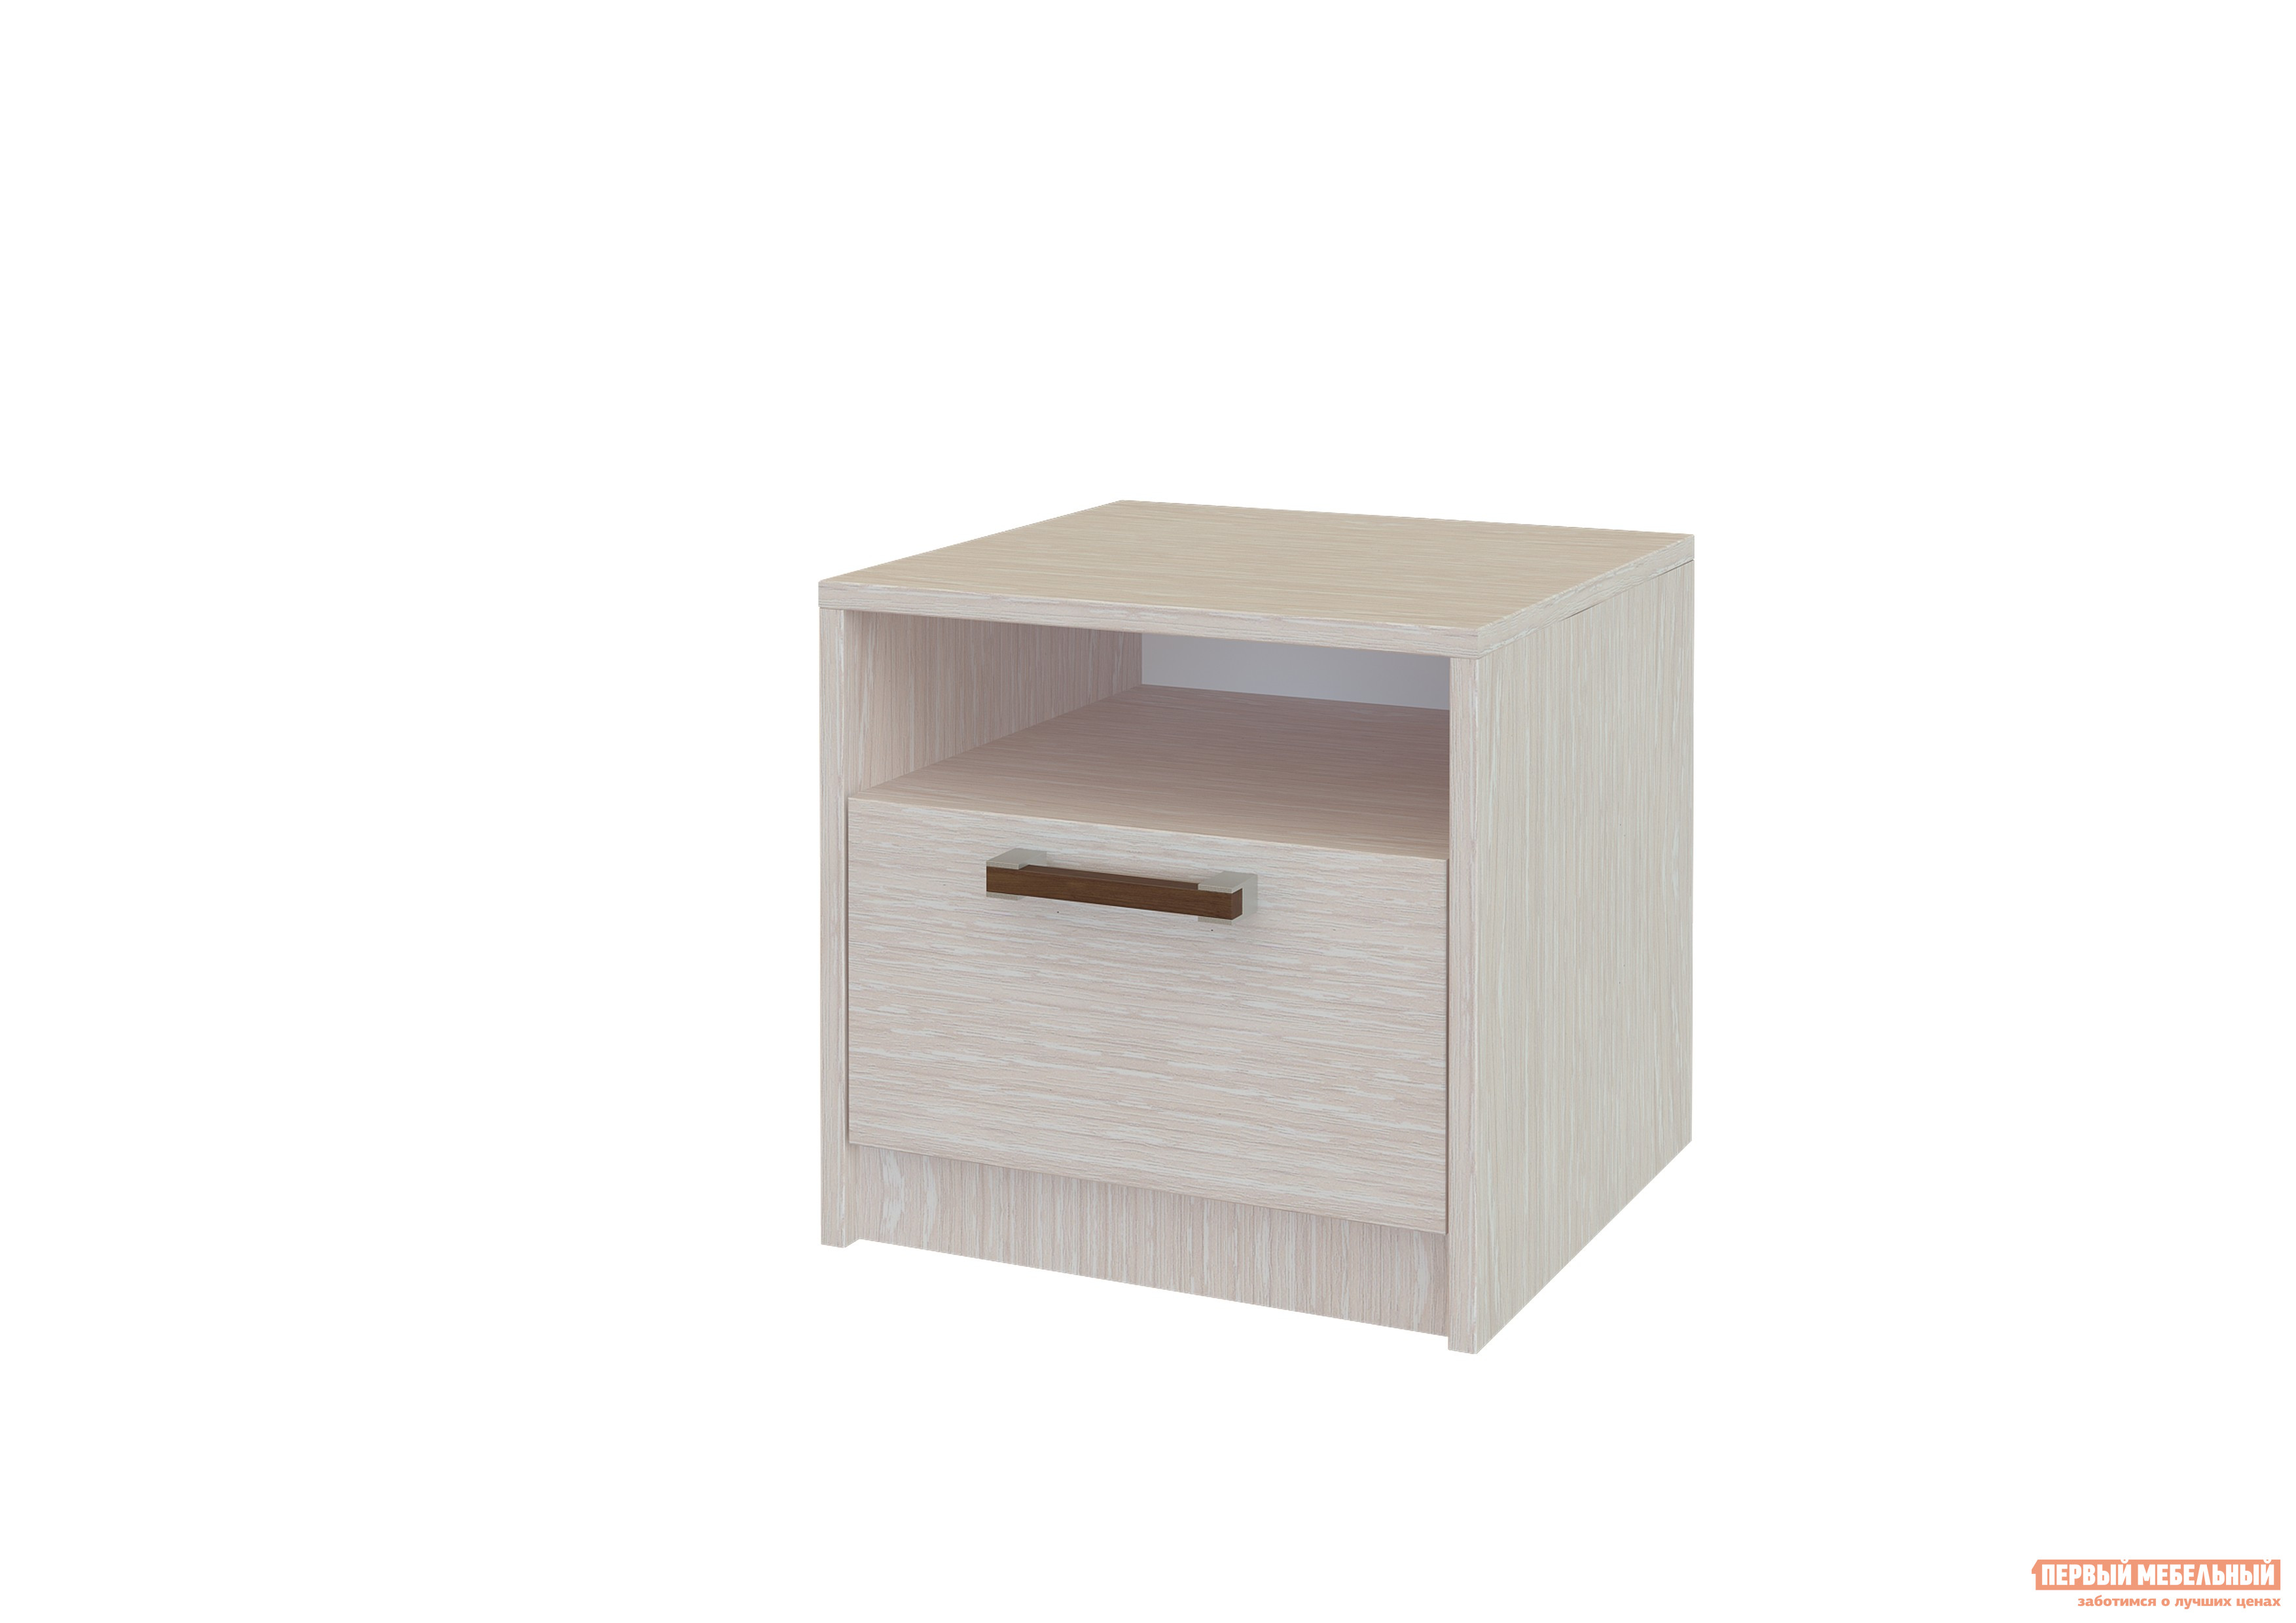 Тумбы прикроватные Первый Мебельный Тумбы прикроватные Винтаж (2 шт. в комплекте)